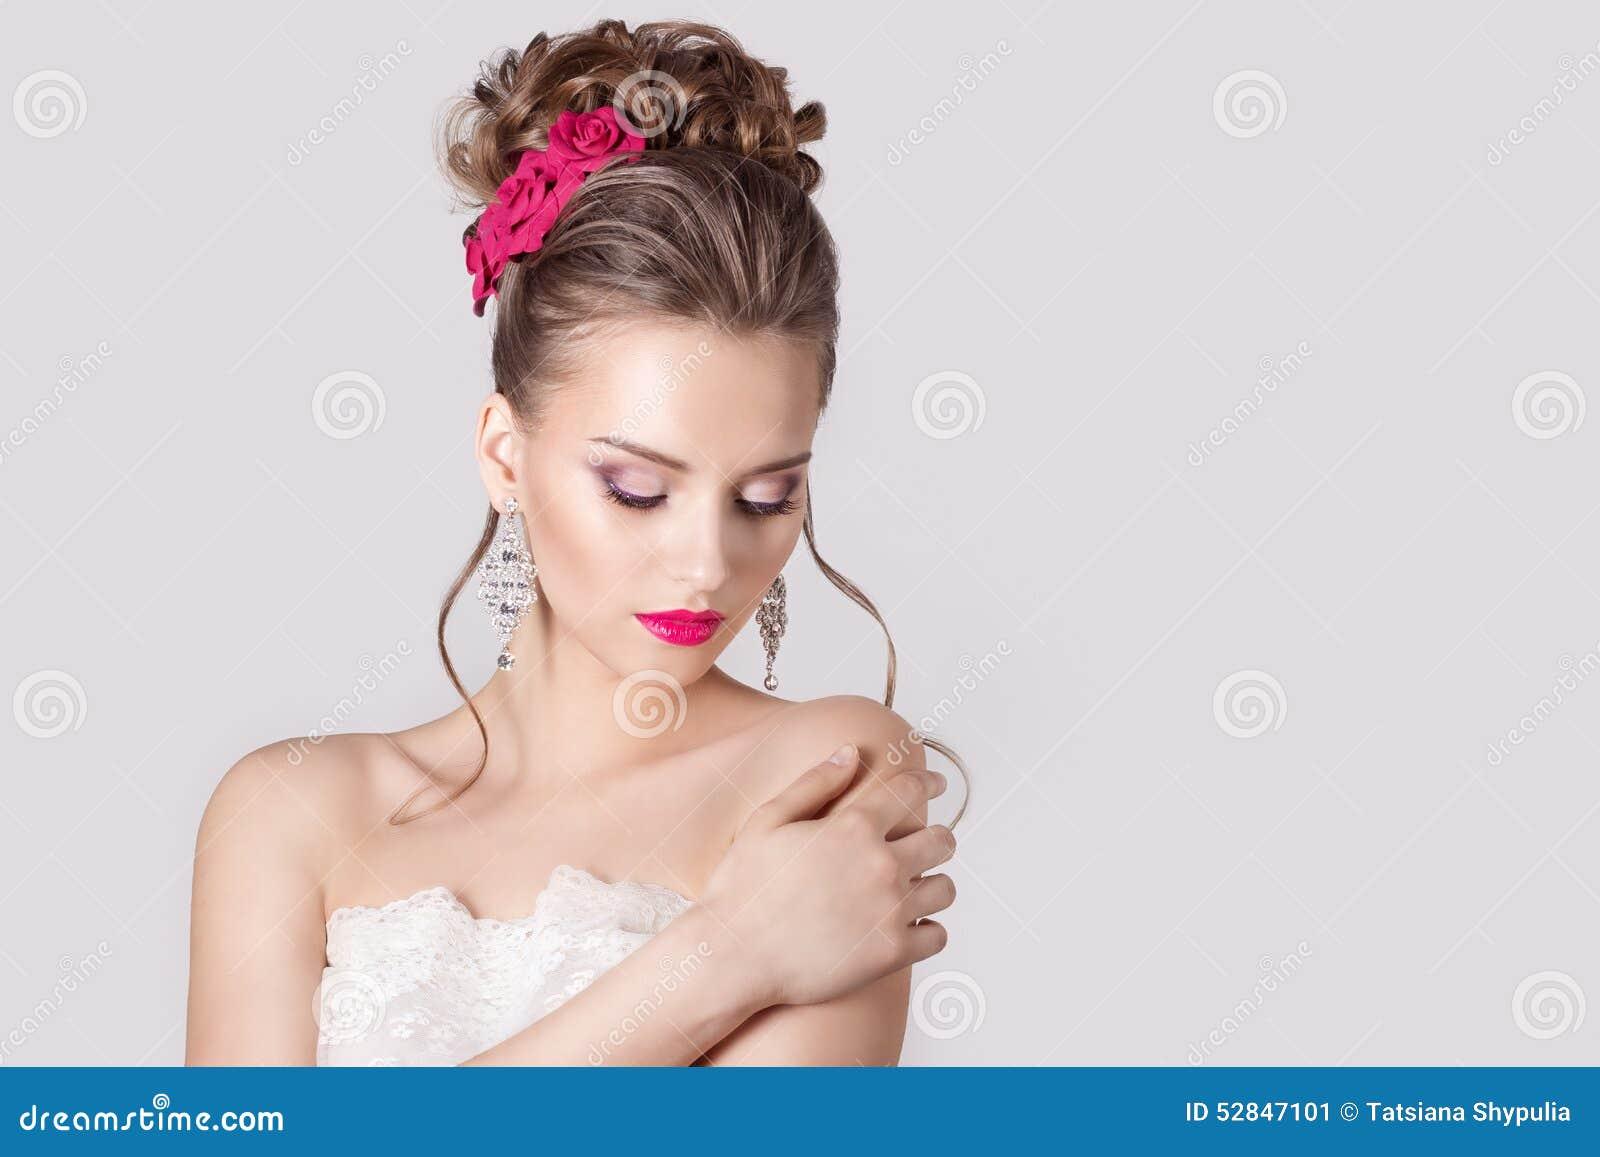 塑造一个美丽的可爱的女孩的画象有一个高柔和的典雅的晚上婚礼的发型和明亮的构成的与流程